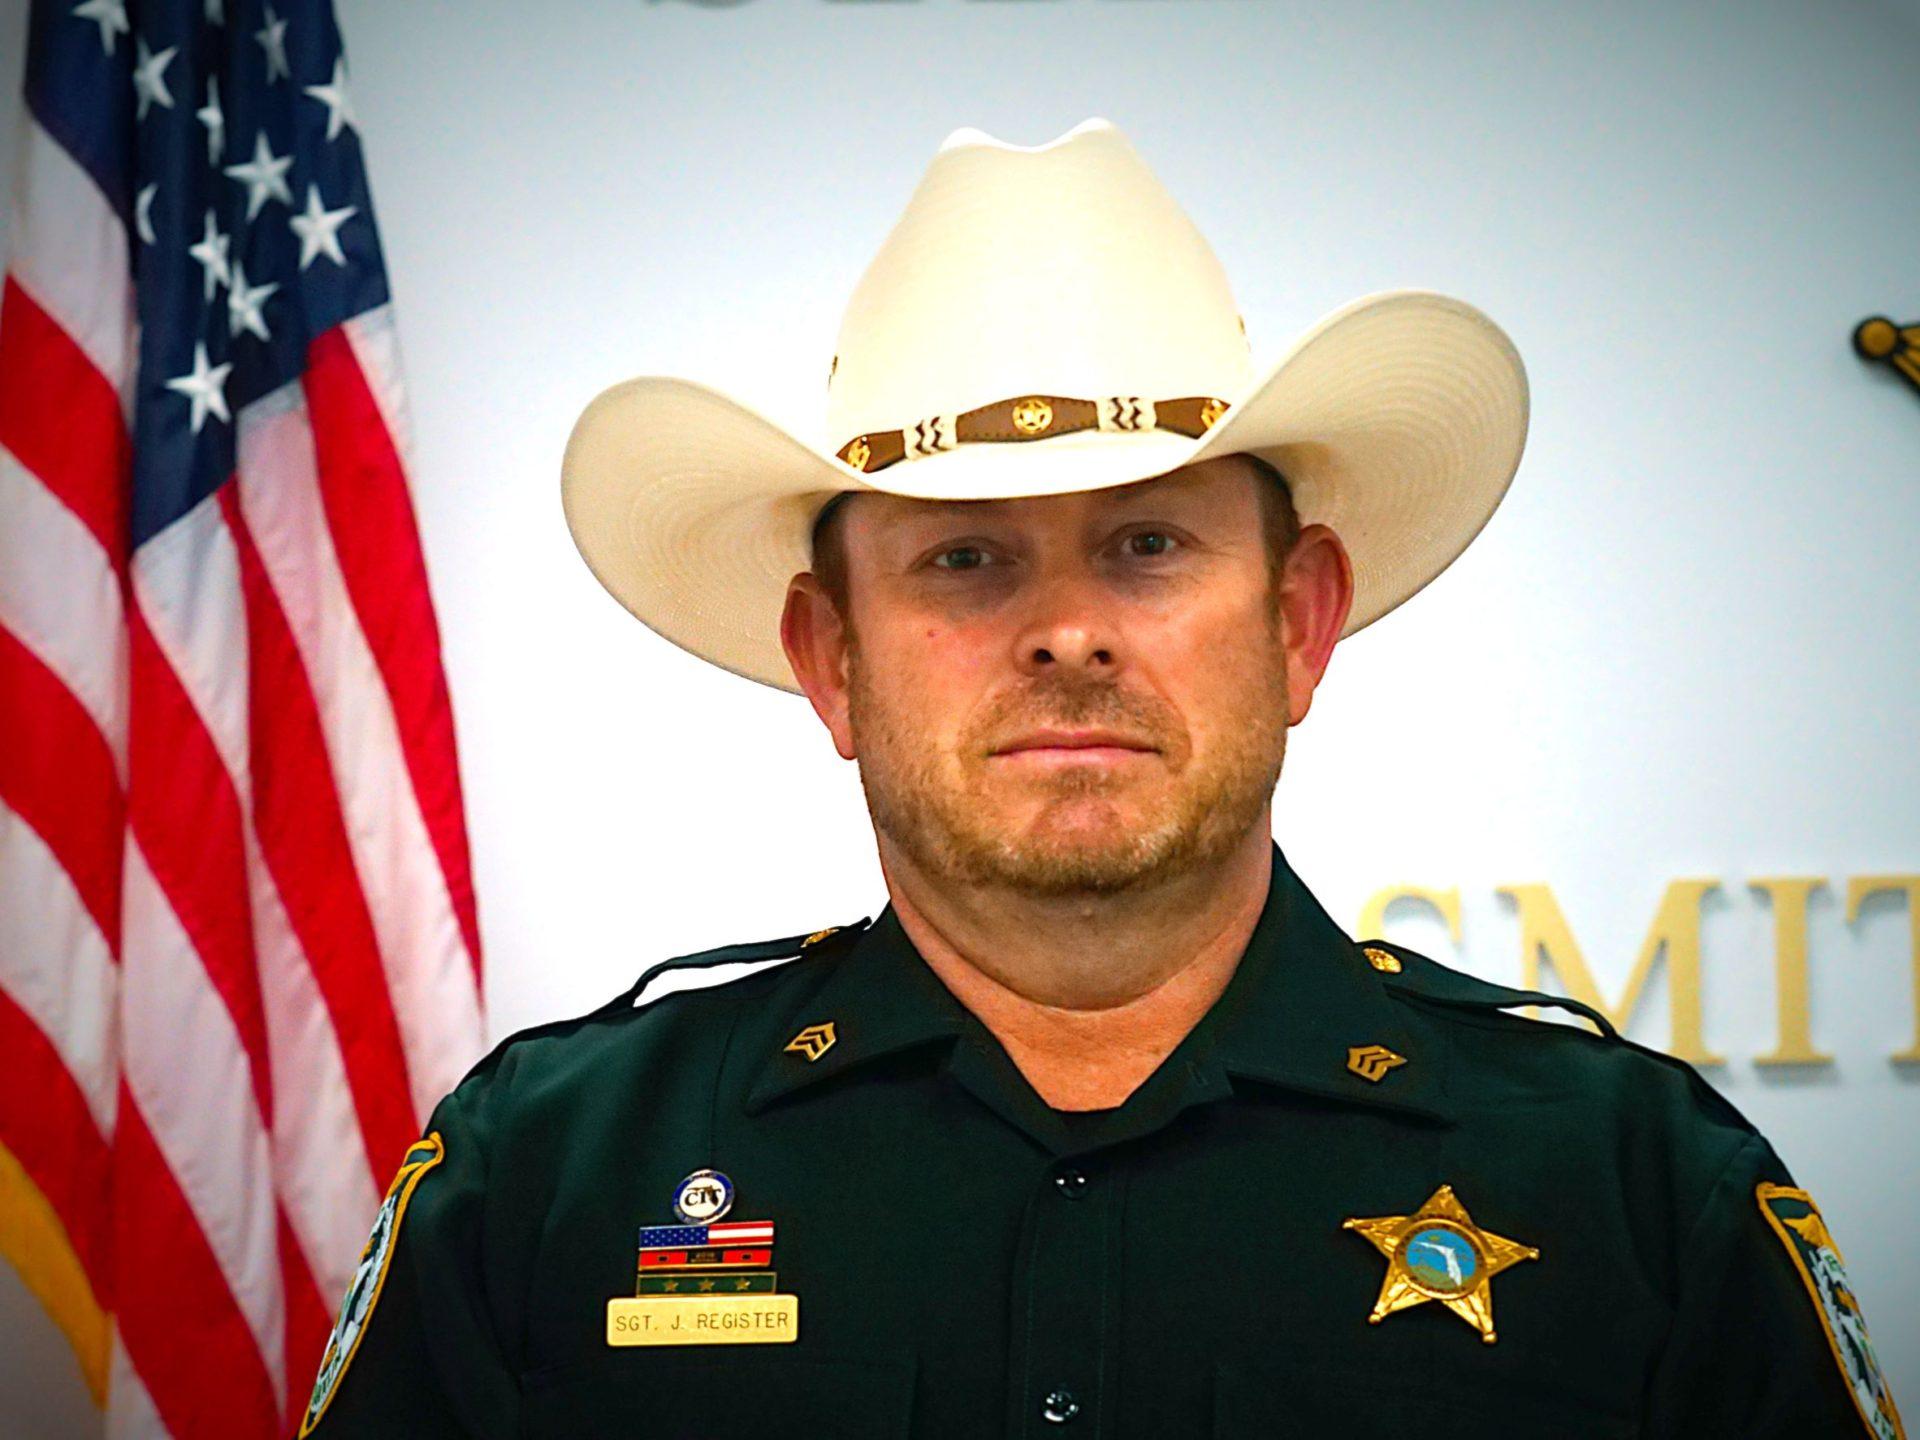 Sgt Jason Register compressed